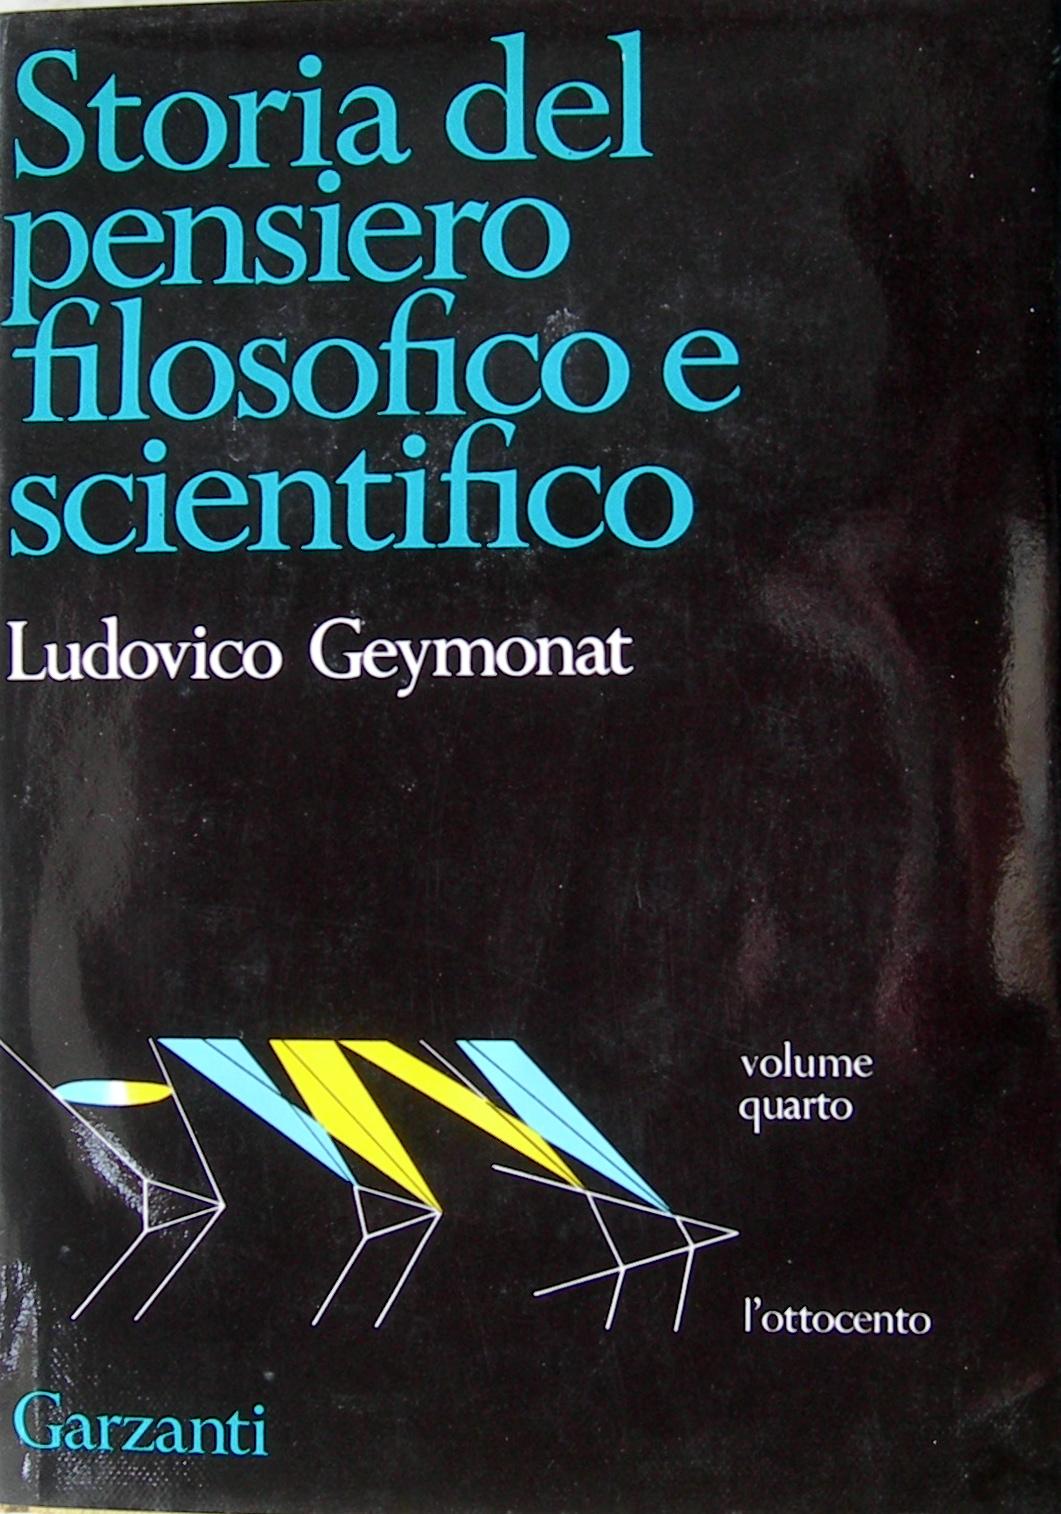 Storia del pensiero filosofico e scientifico - 4